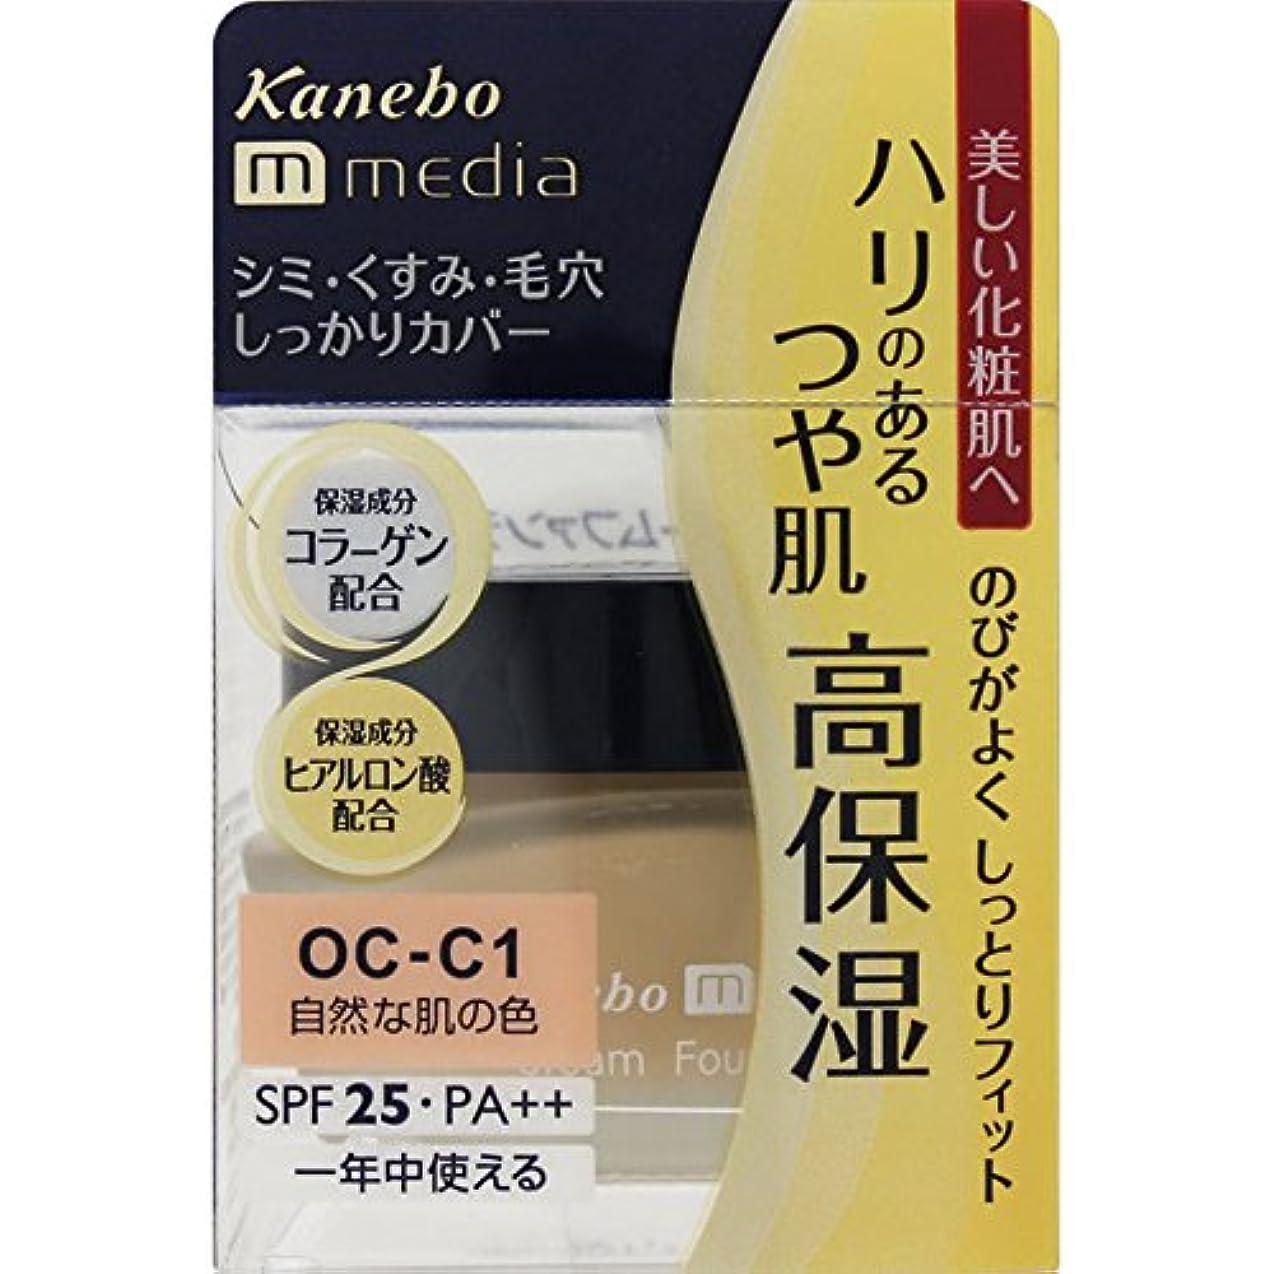 ロードハウスダッシュ発明カネボウ media(メディア) クリームファンデーション OC-C1(自然な肌の色)